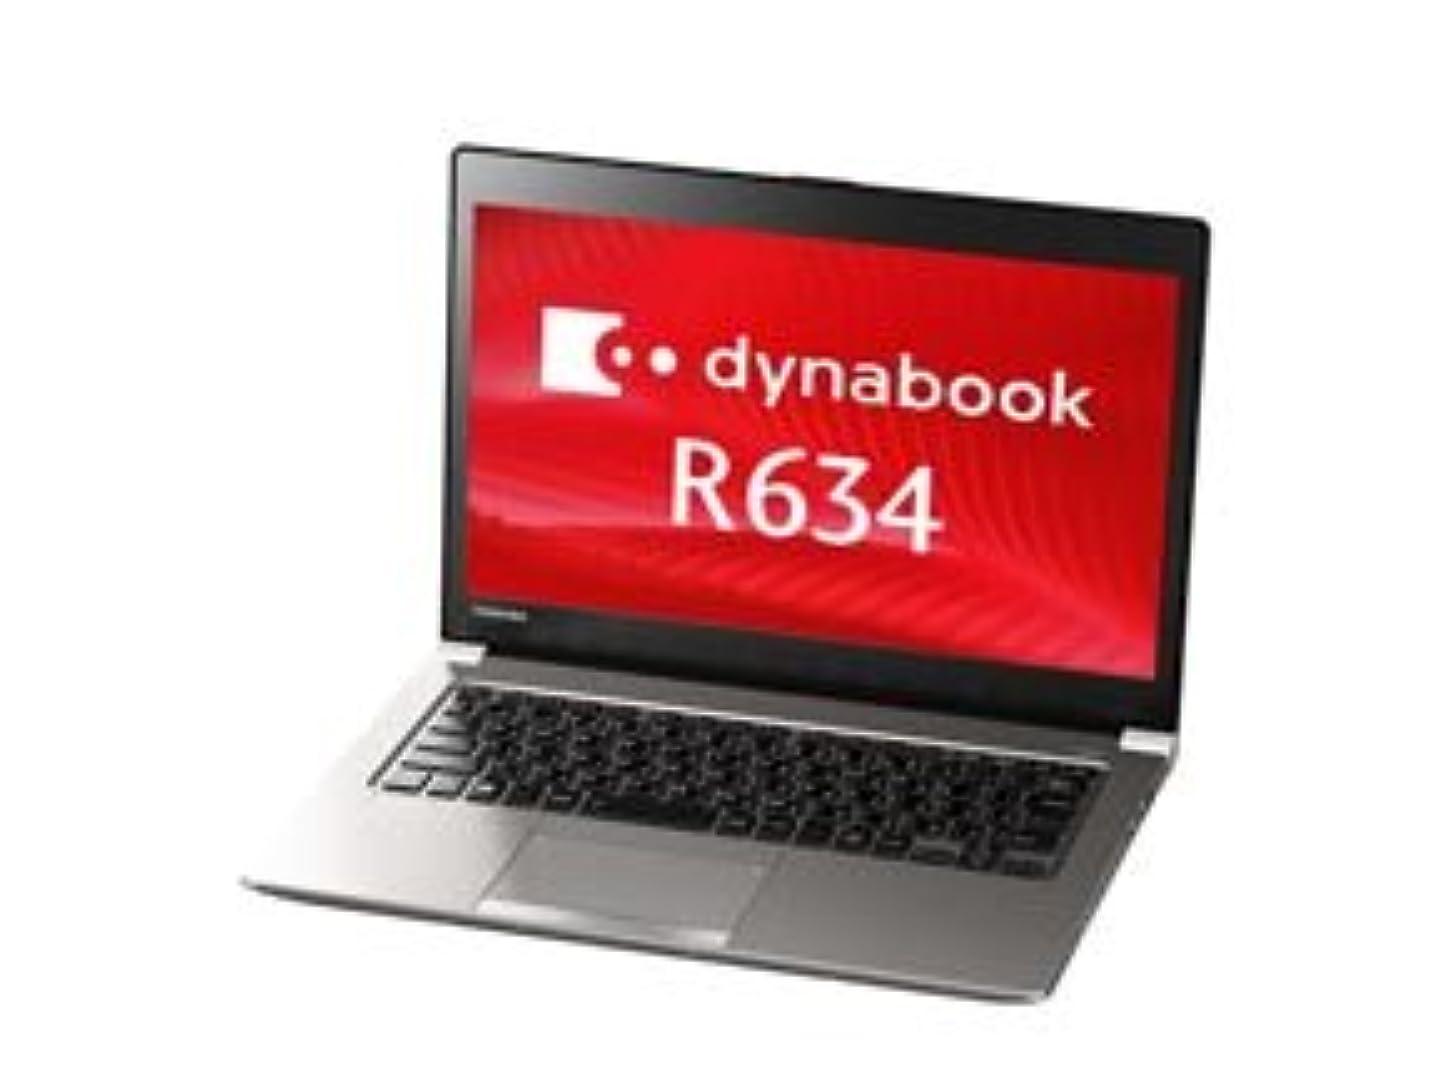 引く安価な仲介者東芝 dynabook R634 L(Windows(R)7搭載、Core i5-4300U) PR634LAA647AD71